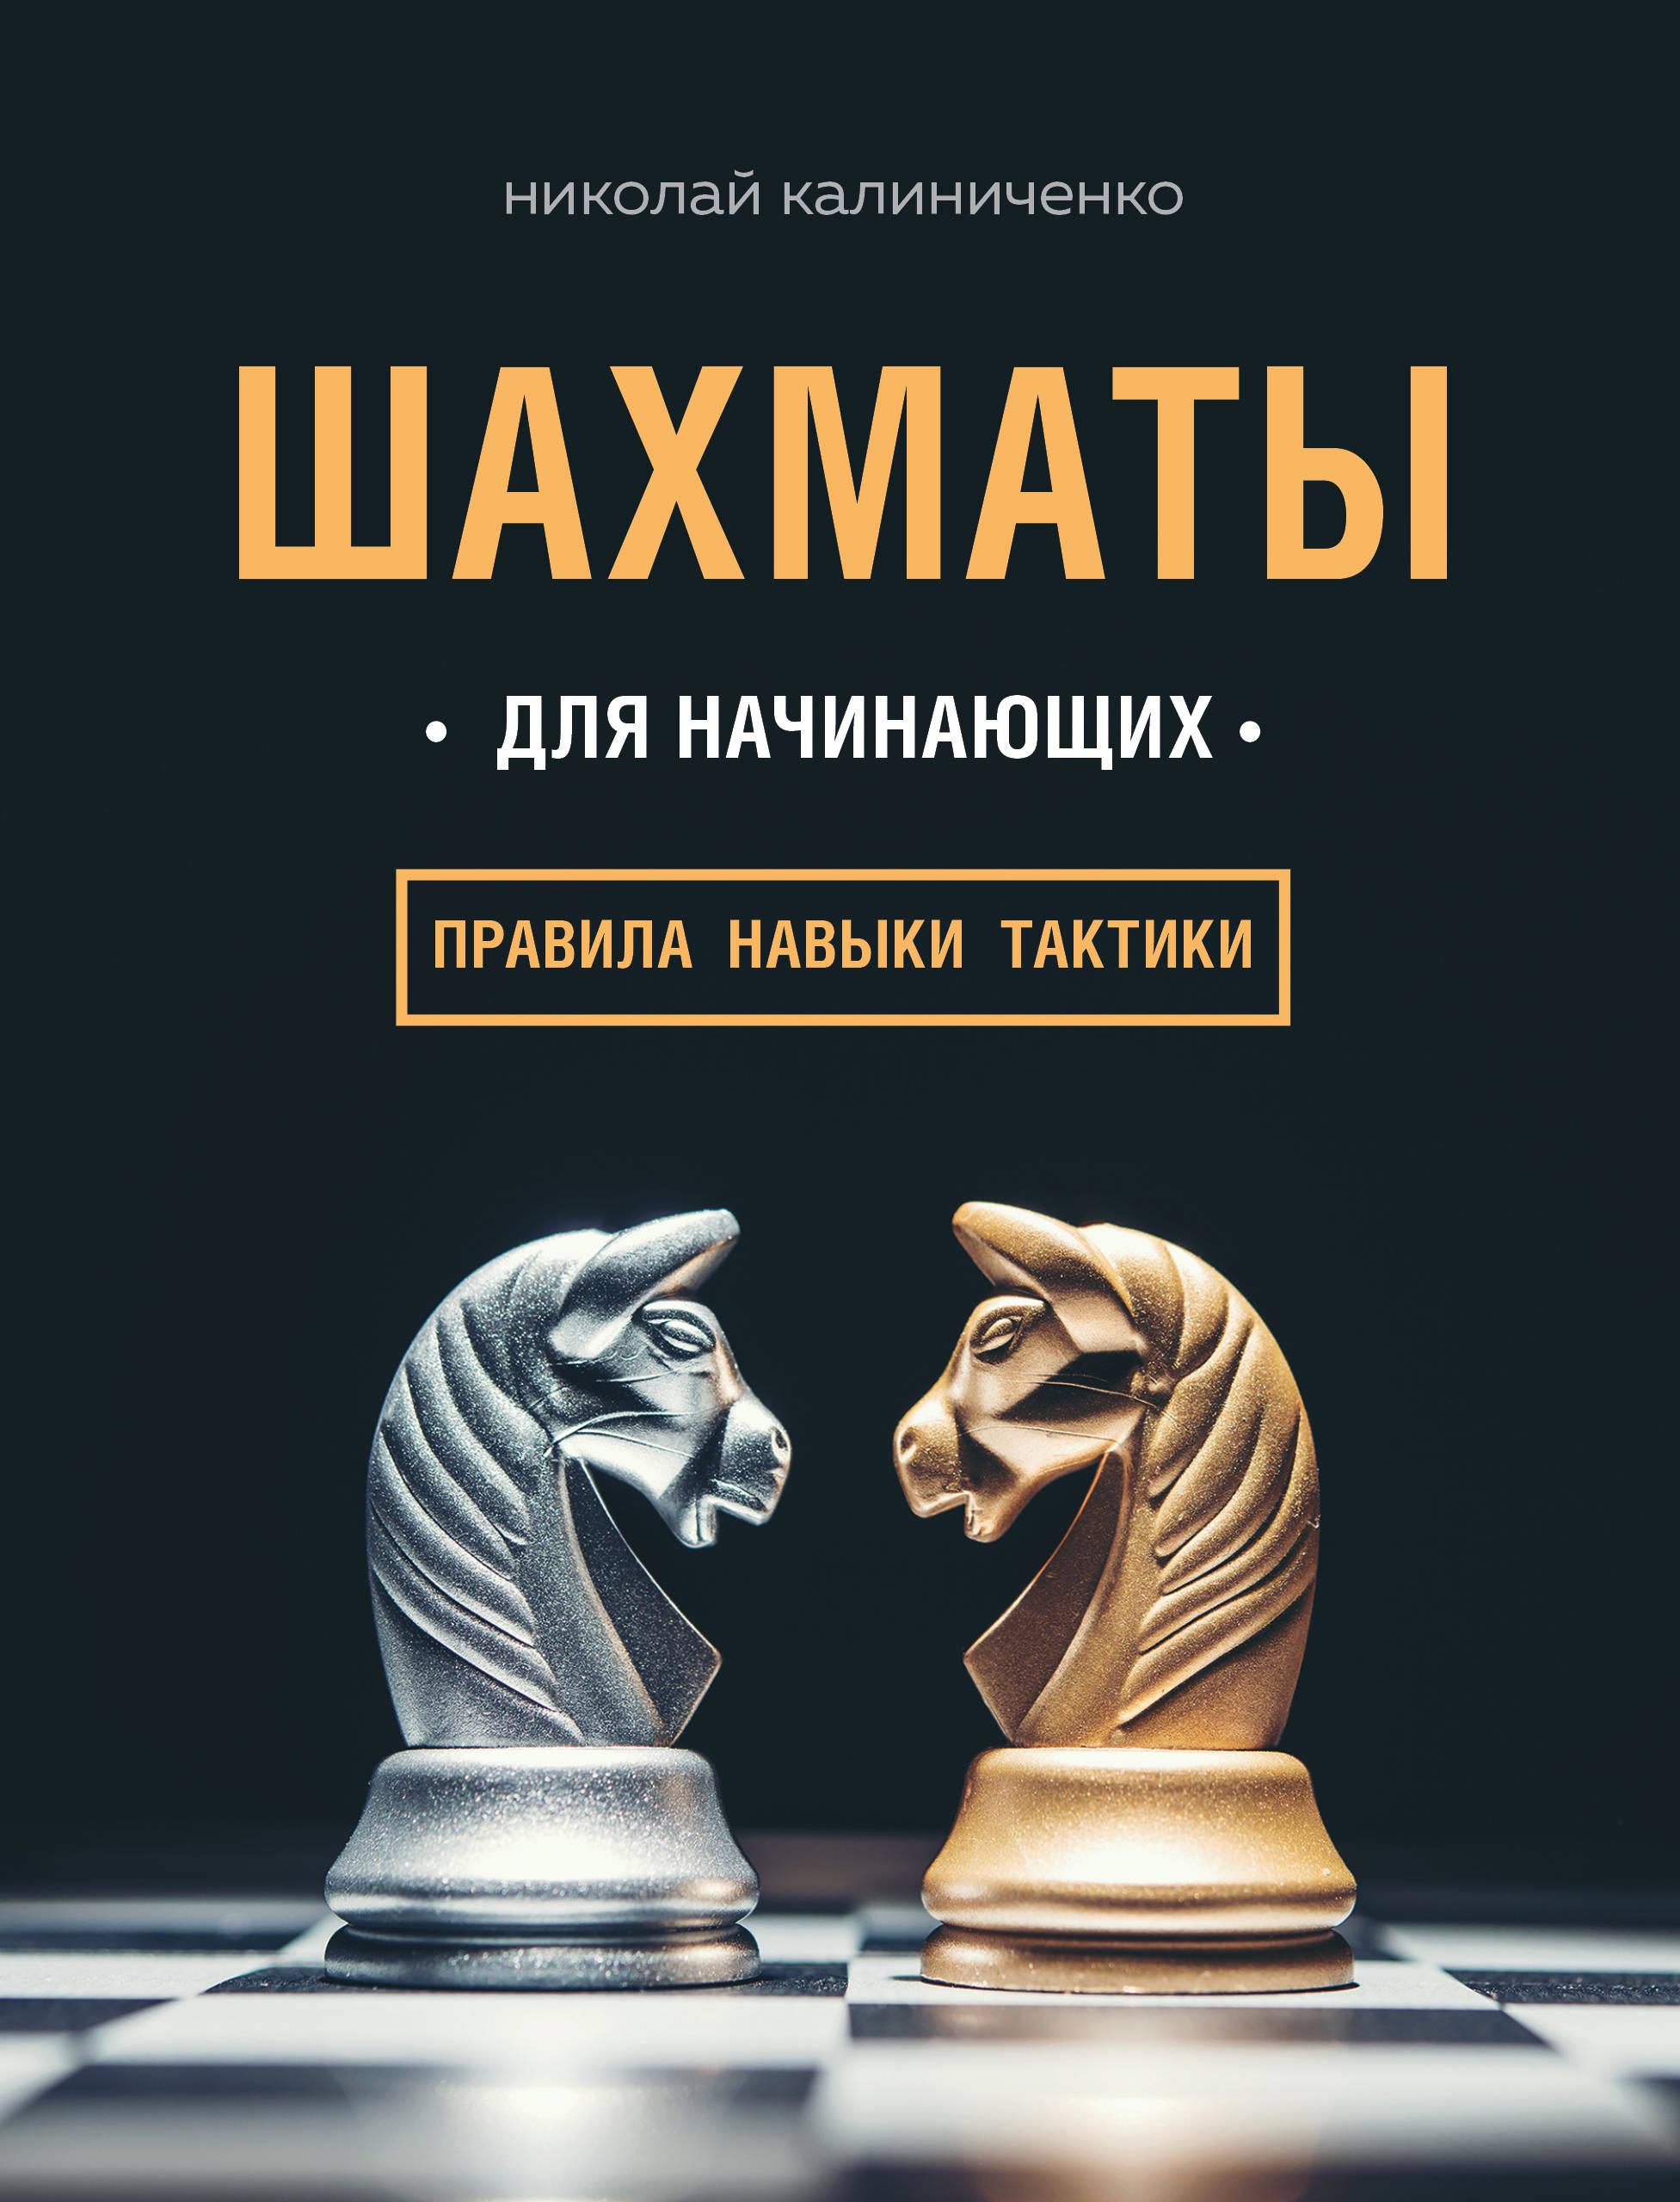 Николай Калиниченко Шахматы для начинающих. Правила, навыки, тактики мартин ветешник понимание шахматной тактики